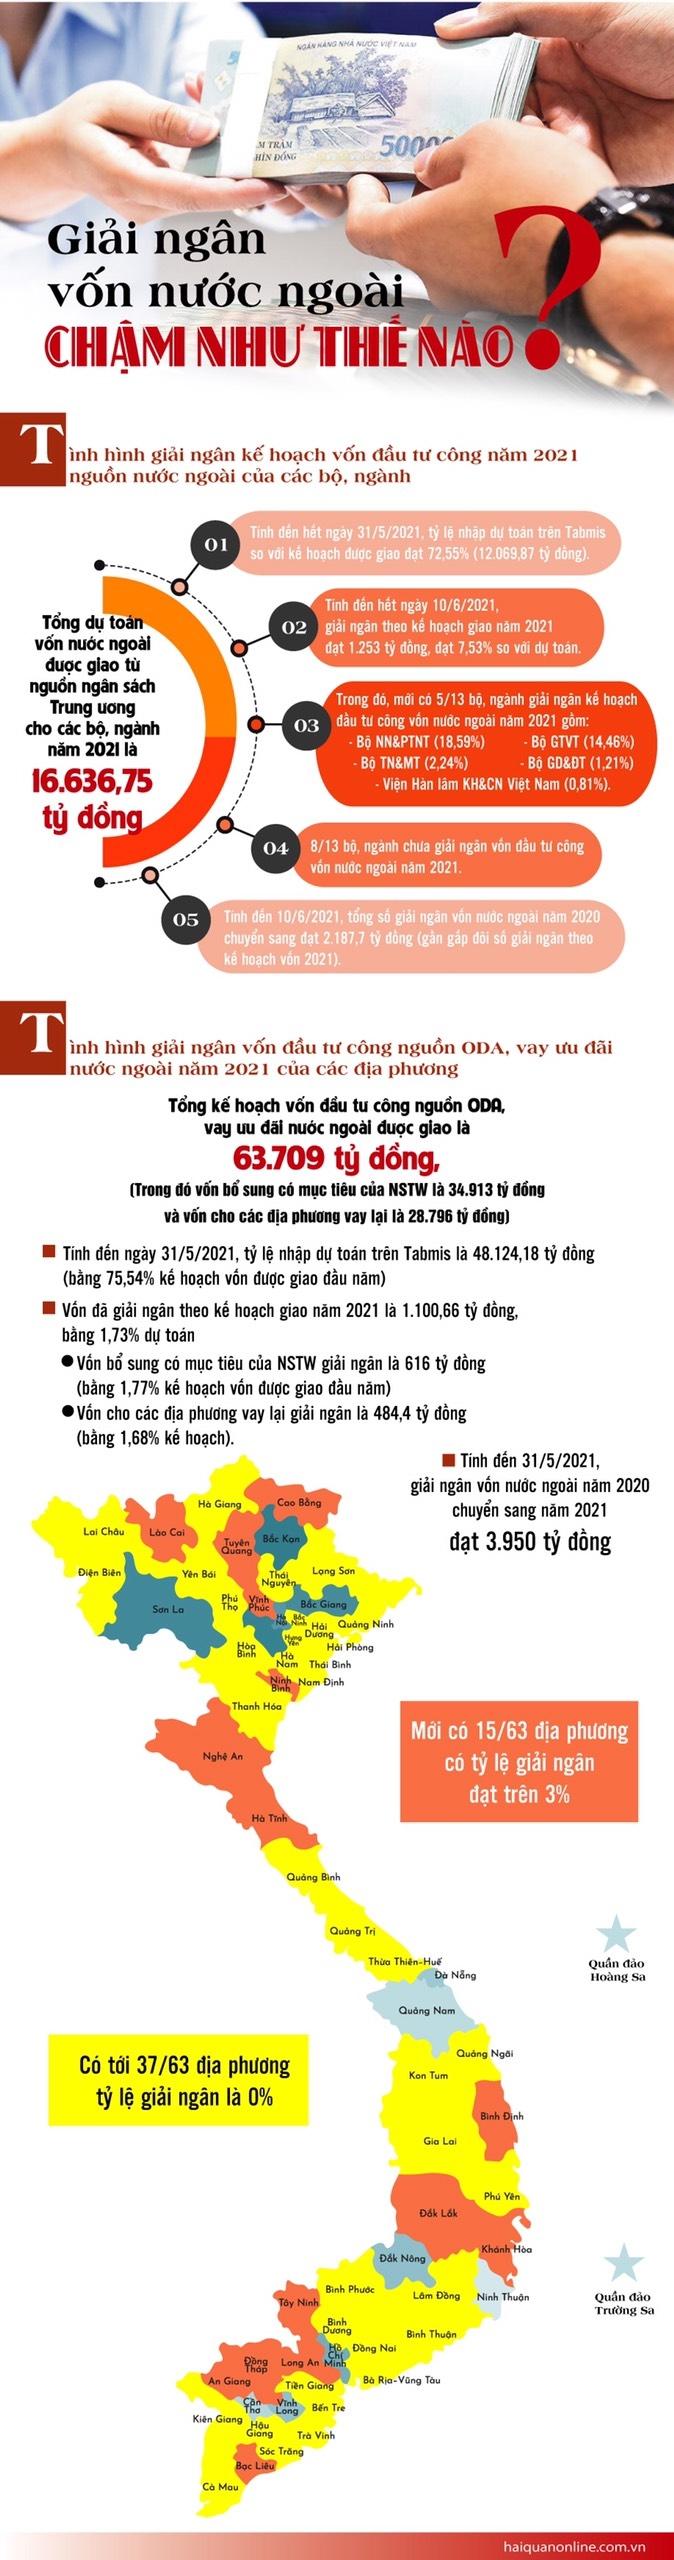 Infographics: Giải ngân vốn nước ngoài chậm như thế nào?